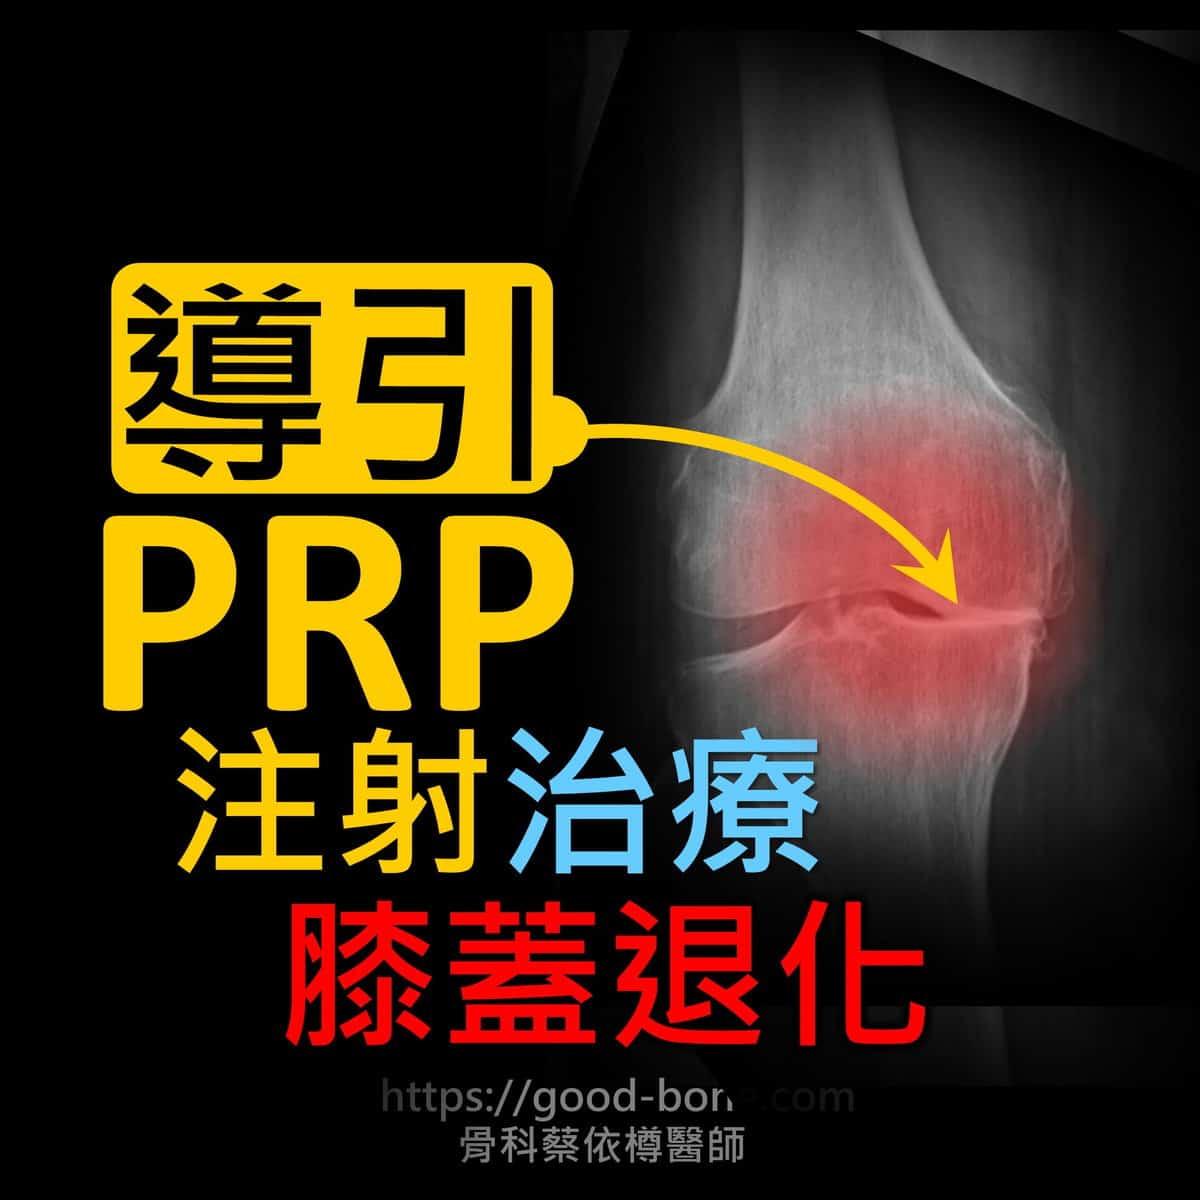 超音波導引PRP 注射治療雙膝蓋退化疼痛關節炎 疼痛注射專家、超音波導引PRP增生治療、專業骨科推薦 台中骨科蔡依樽醫師https://good-bone.com